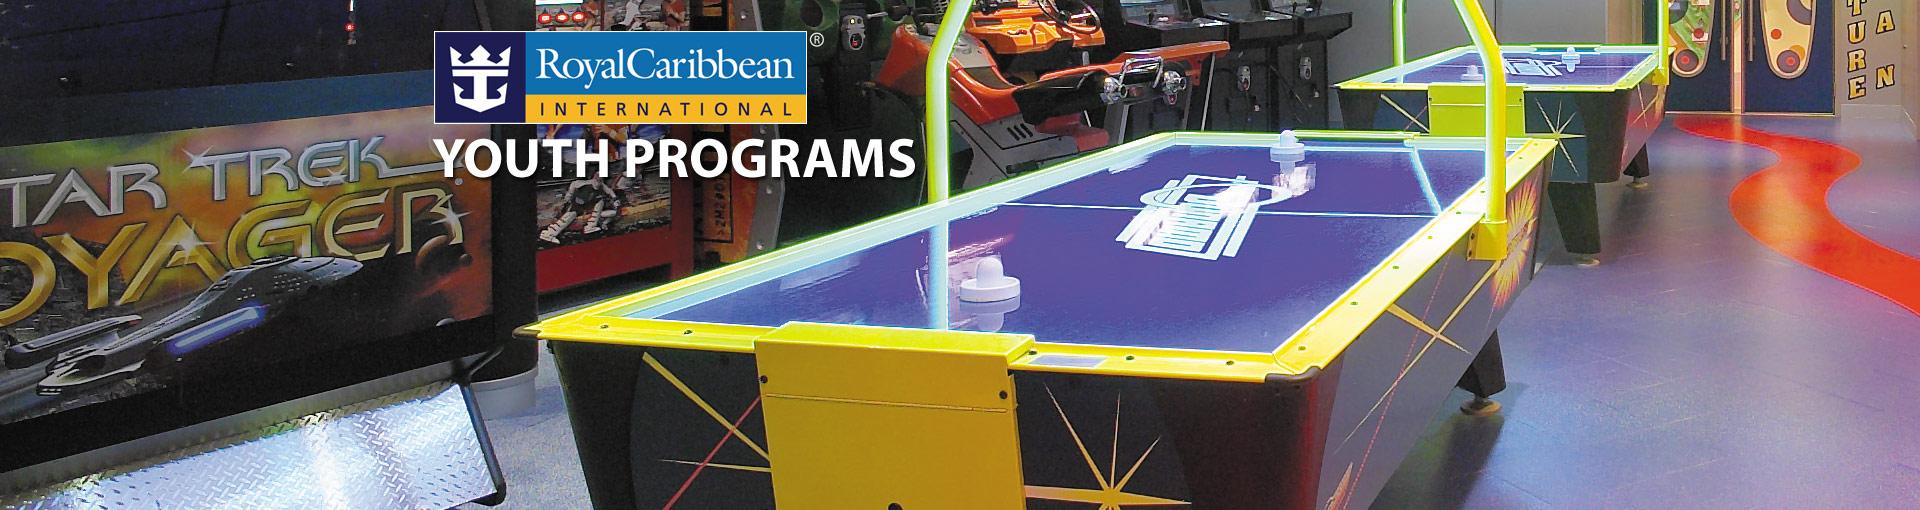 Royal Caribbean Youth Programs